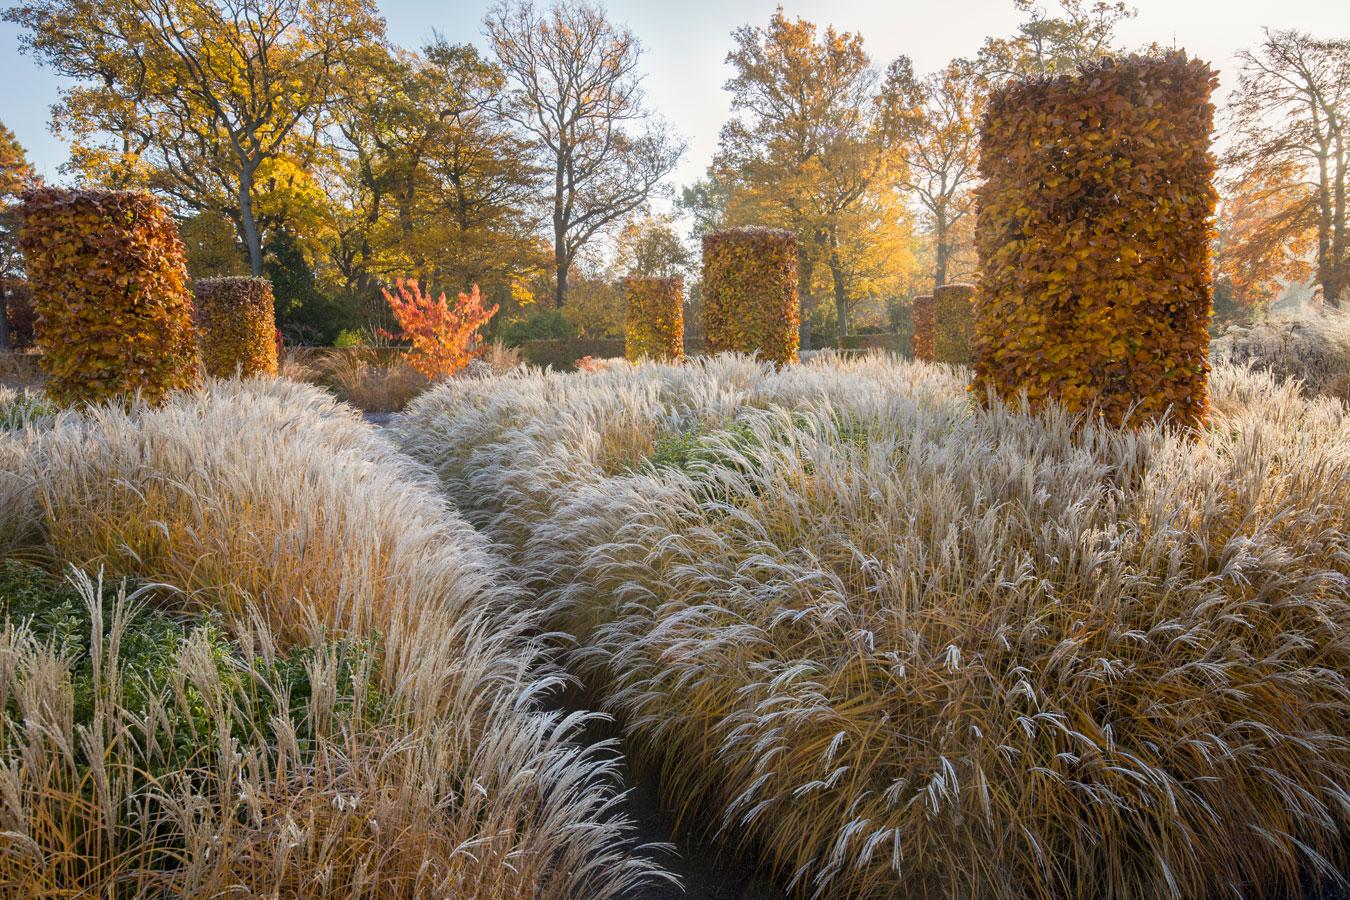 Мягкие оттенки осени в саду Вислей, © Марианна Мажерус, Победитель категории «Праздник садов», Фотоконкурс RHS Photographic